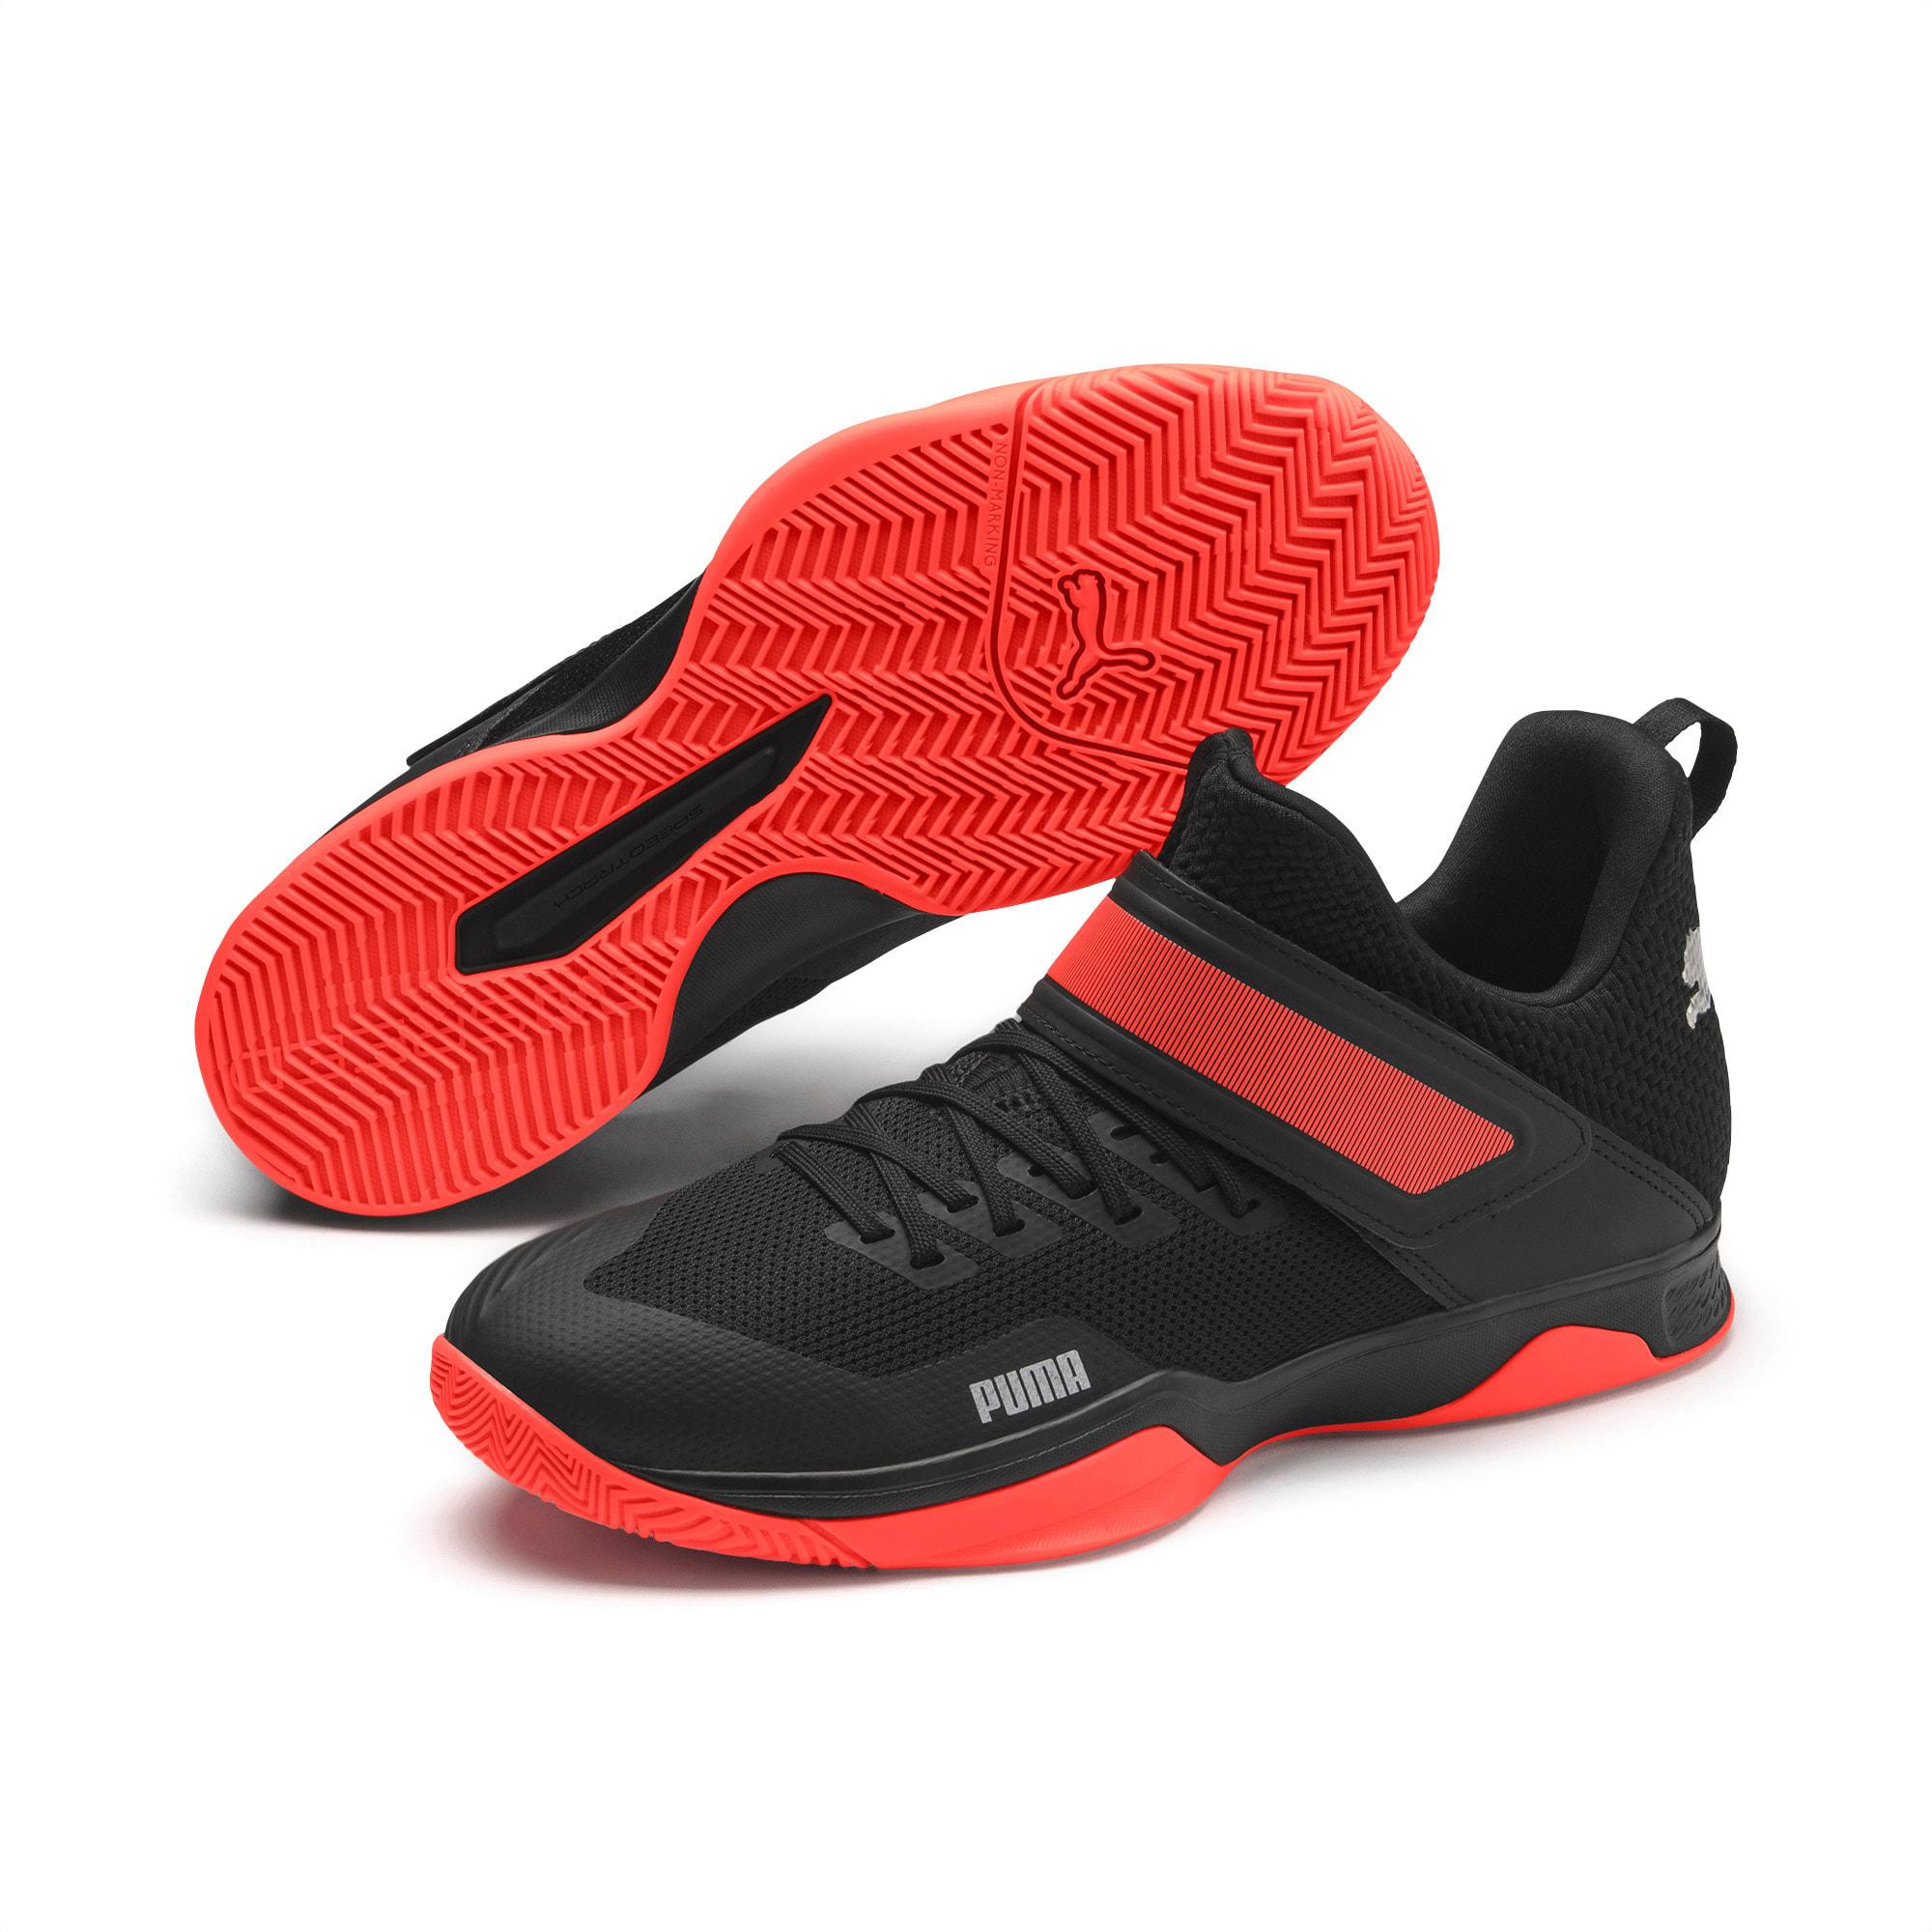 Buty Rise XT3 do piłki ręcznej